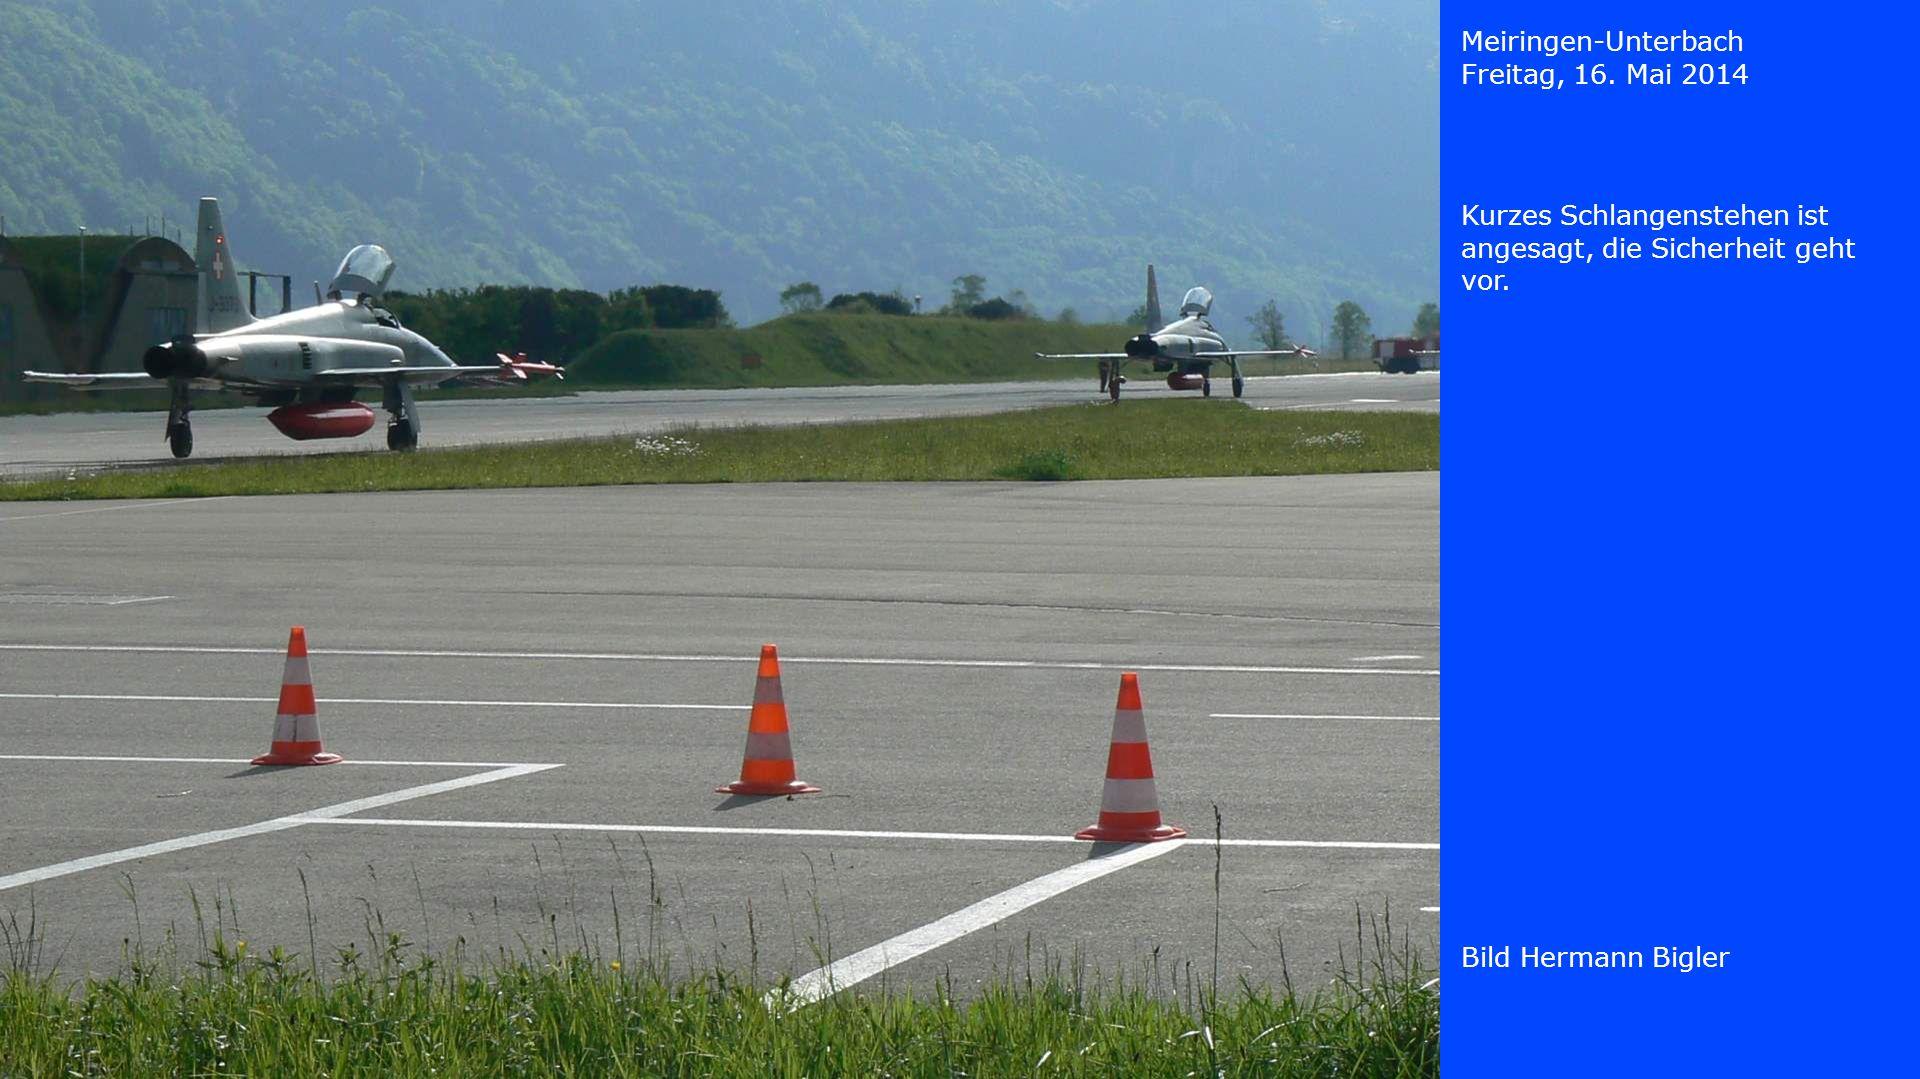 Meiringen-Unterbach Freitag, 16. Mai 2014. Kurzes Schlangenstehen ist angesagt, die Sicherheit geht vor.